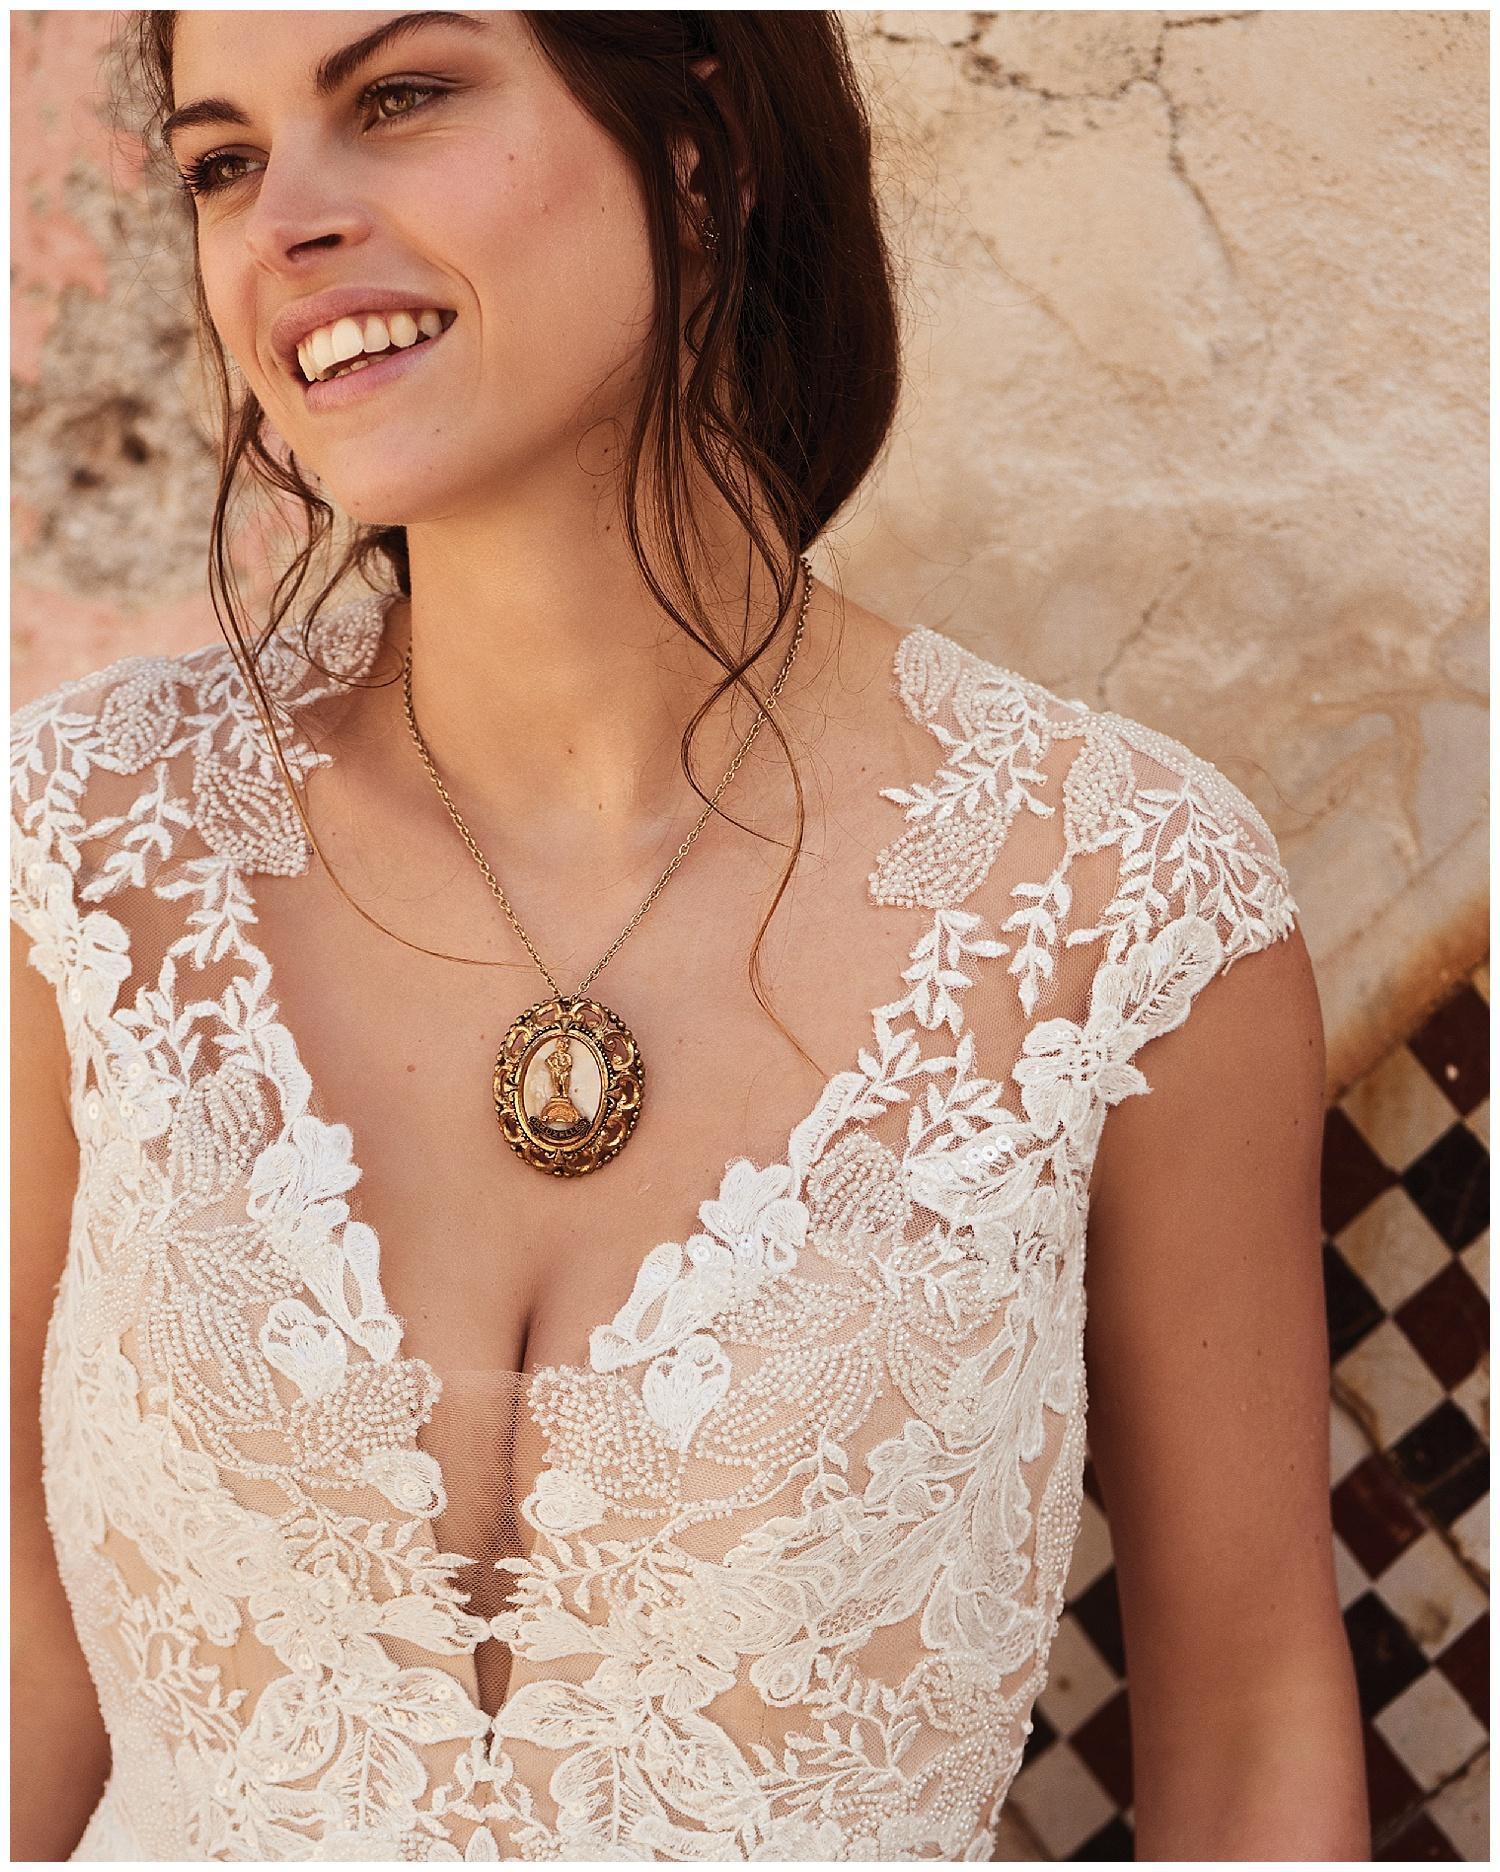 plunging-neckline-wedding-dress.jpg